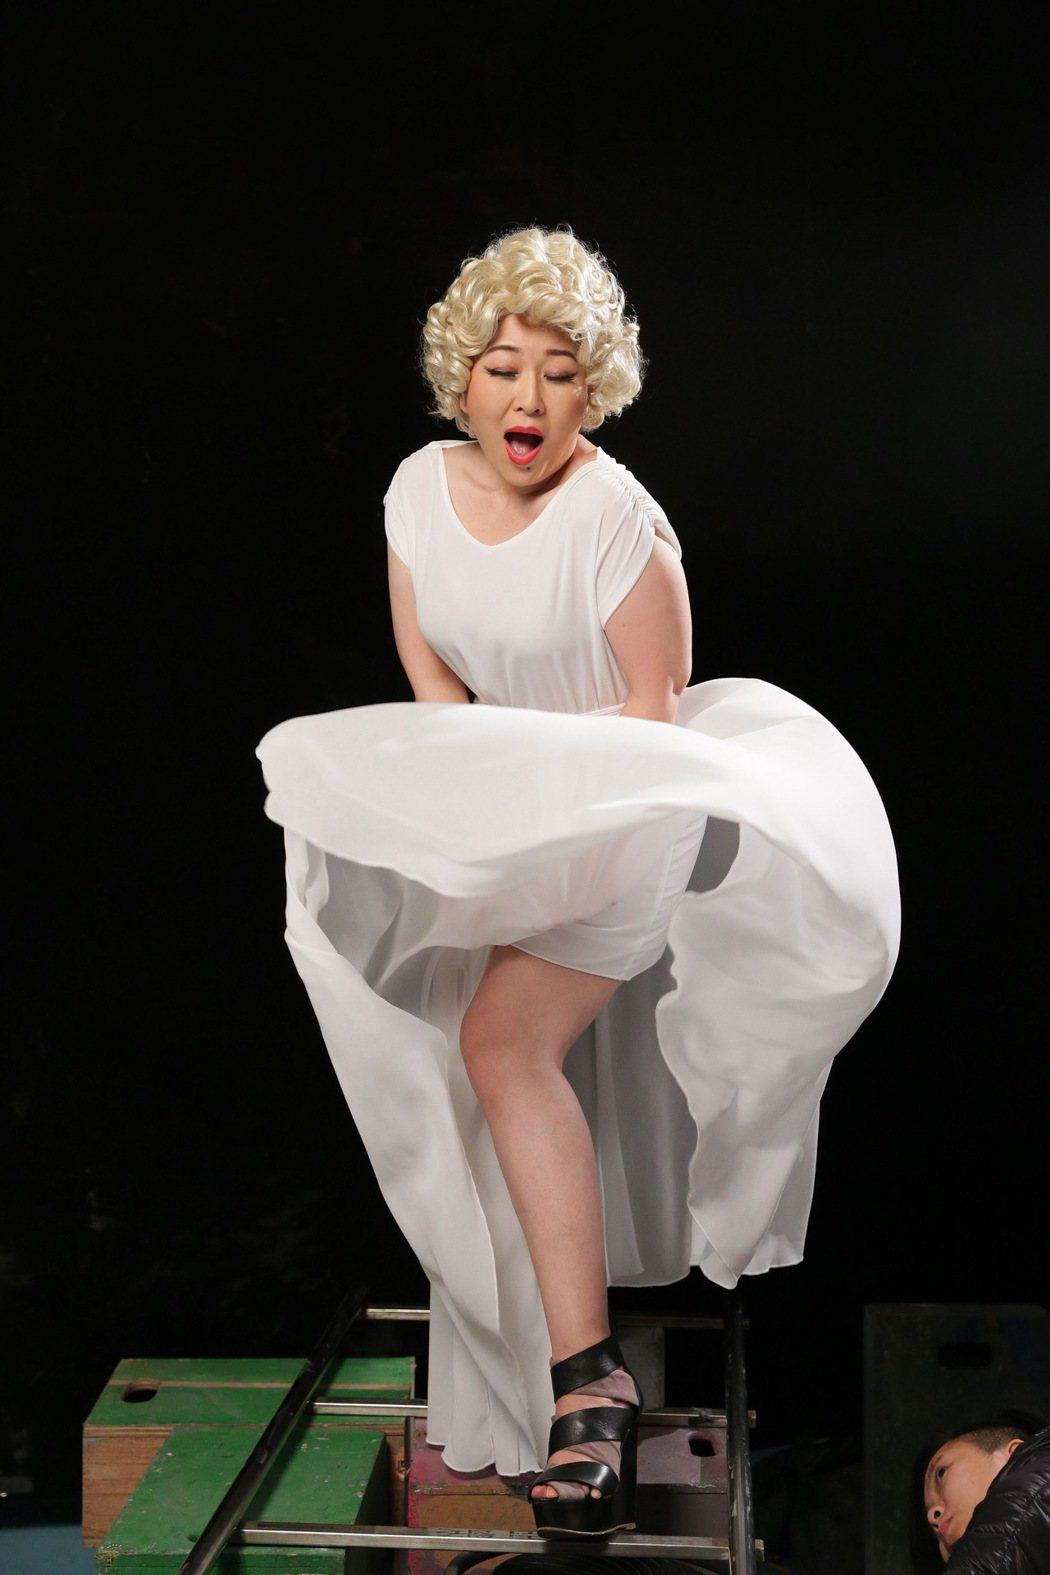 張秀卿新歌扮化身瑪麗蓮夢露,嗨唱「阿哥哥」。圖/豪記唱片提供